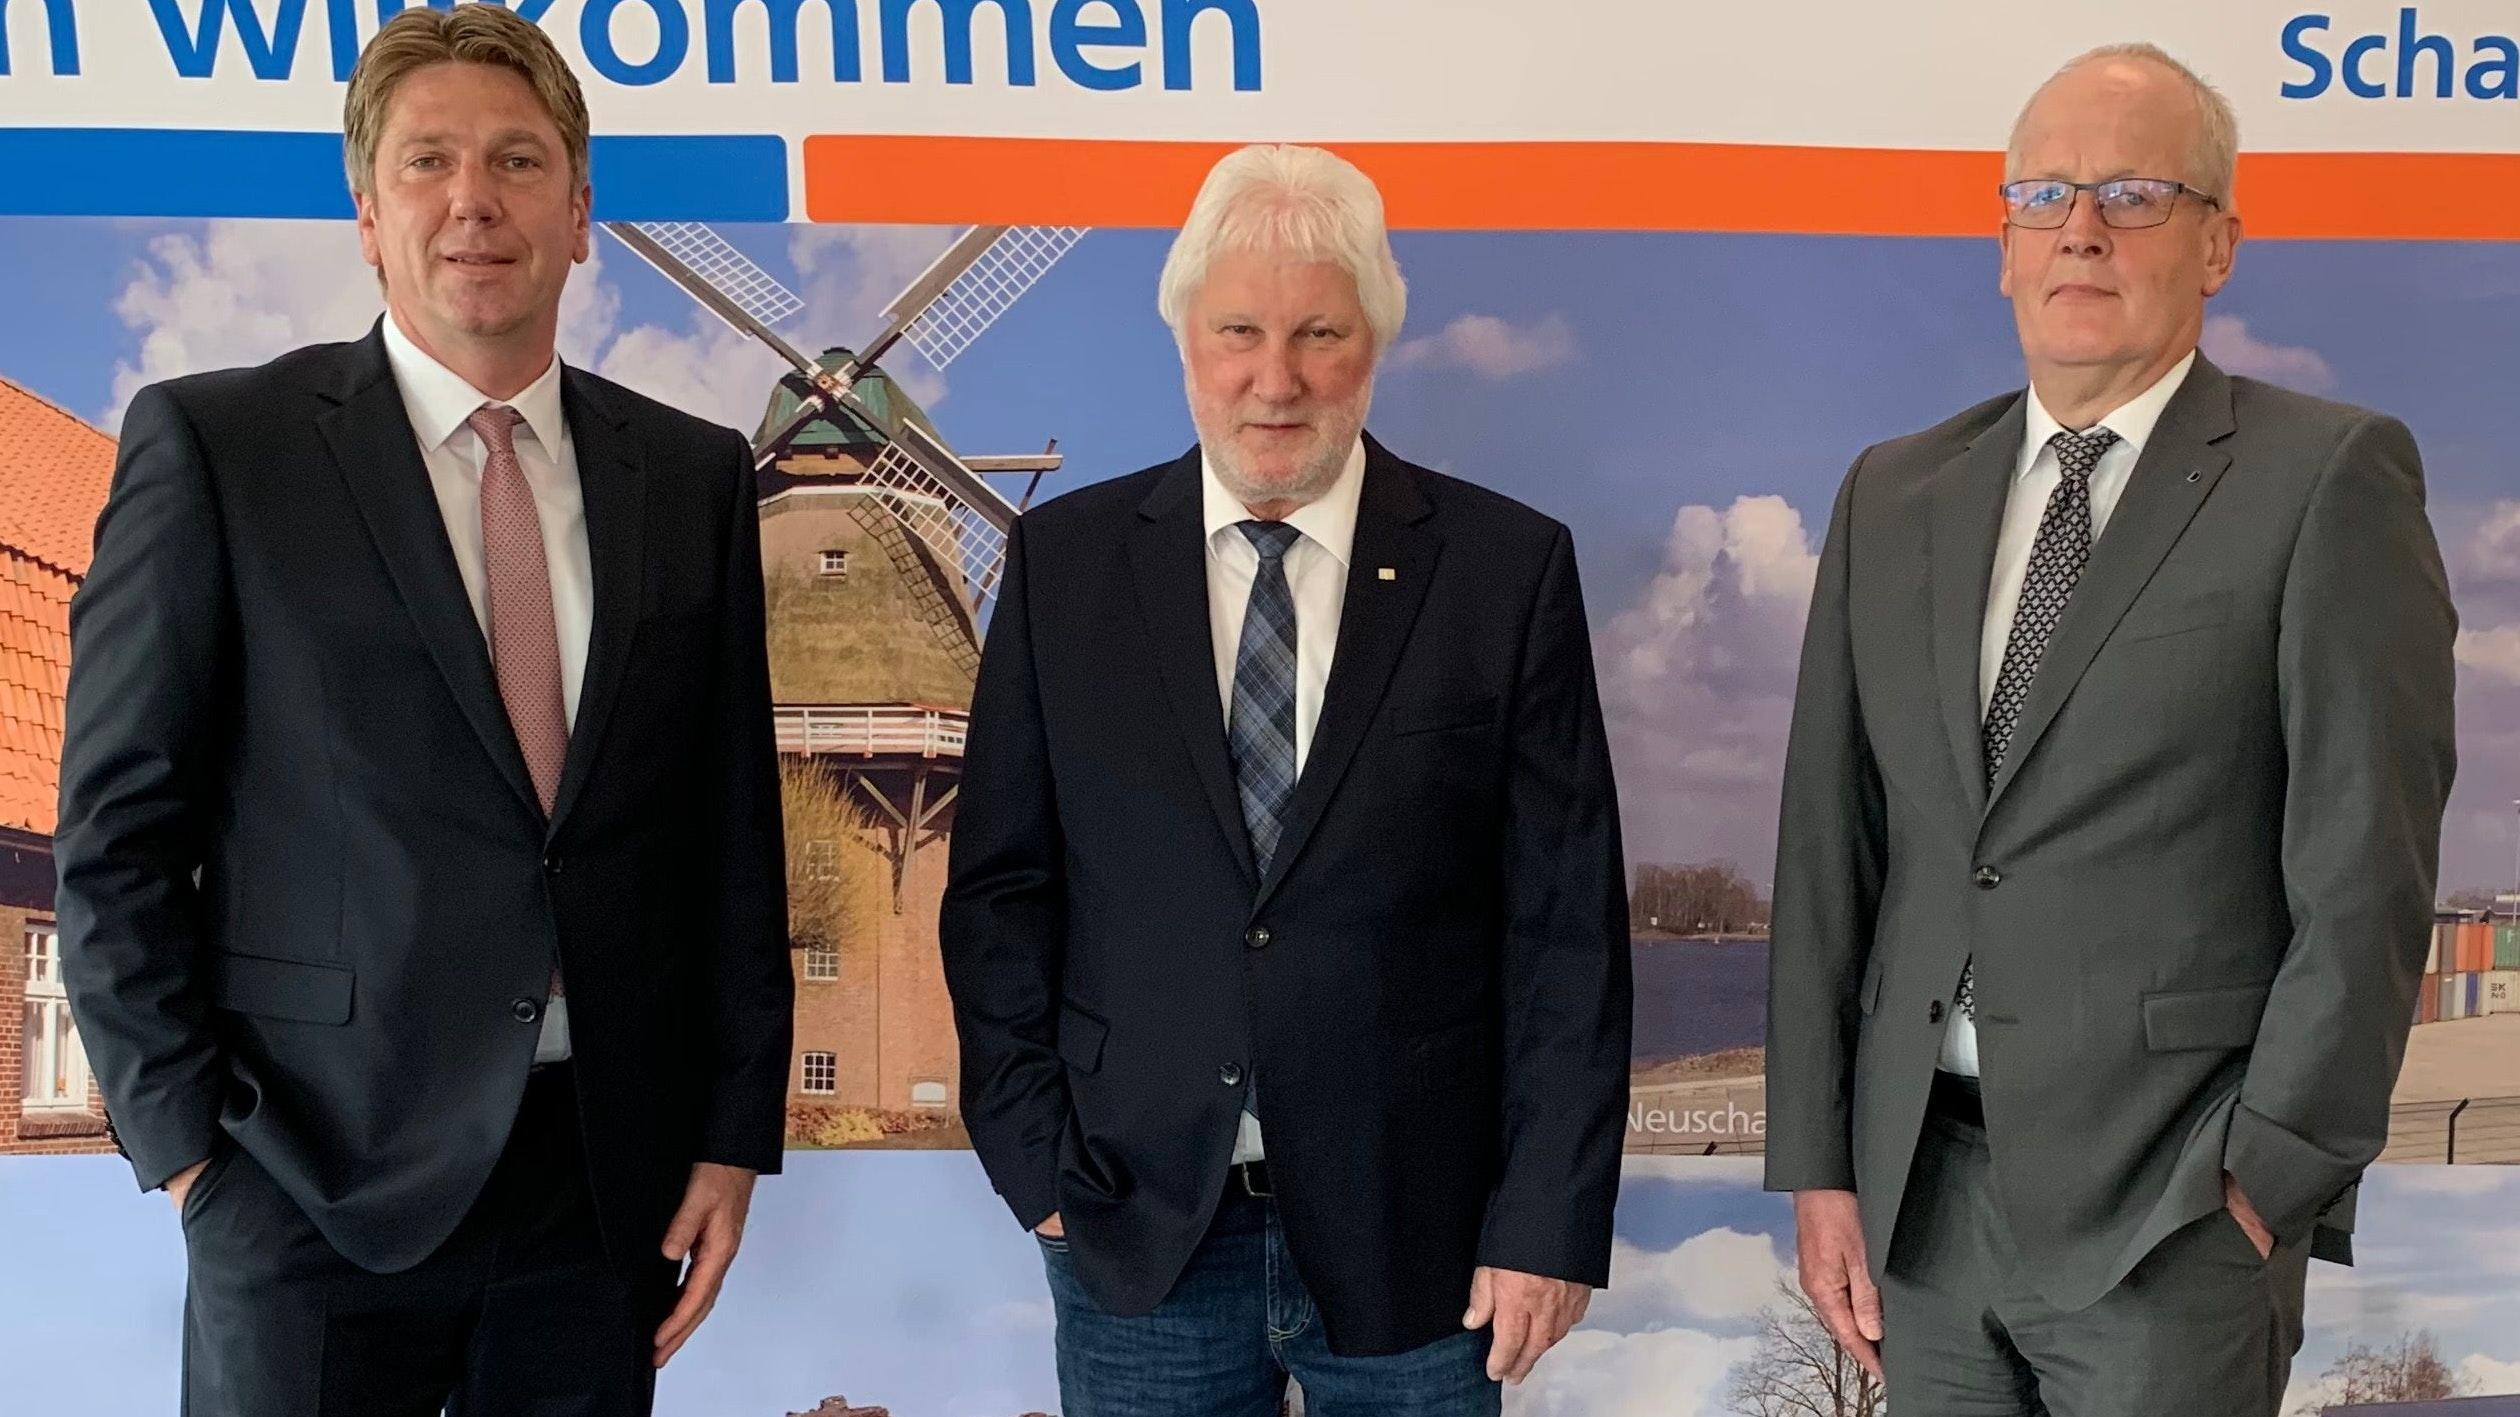 Laden zur ersten digitalen Generalversammlung ein: Die Bankvorstände Guido Reiners (links) und Walter Bockhorst (rechts) sowie der Aufsichtsratsvorsitzende Heinrich Tellmann. Sie hoffen auf viele Anmeldungen der Mitglieder. Foto: Hellmann